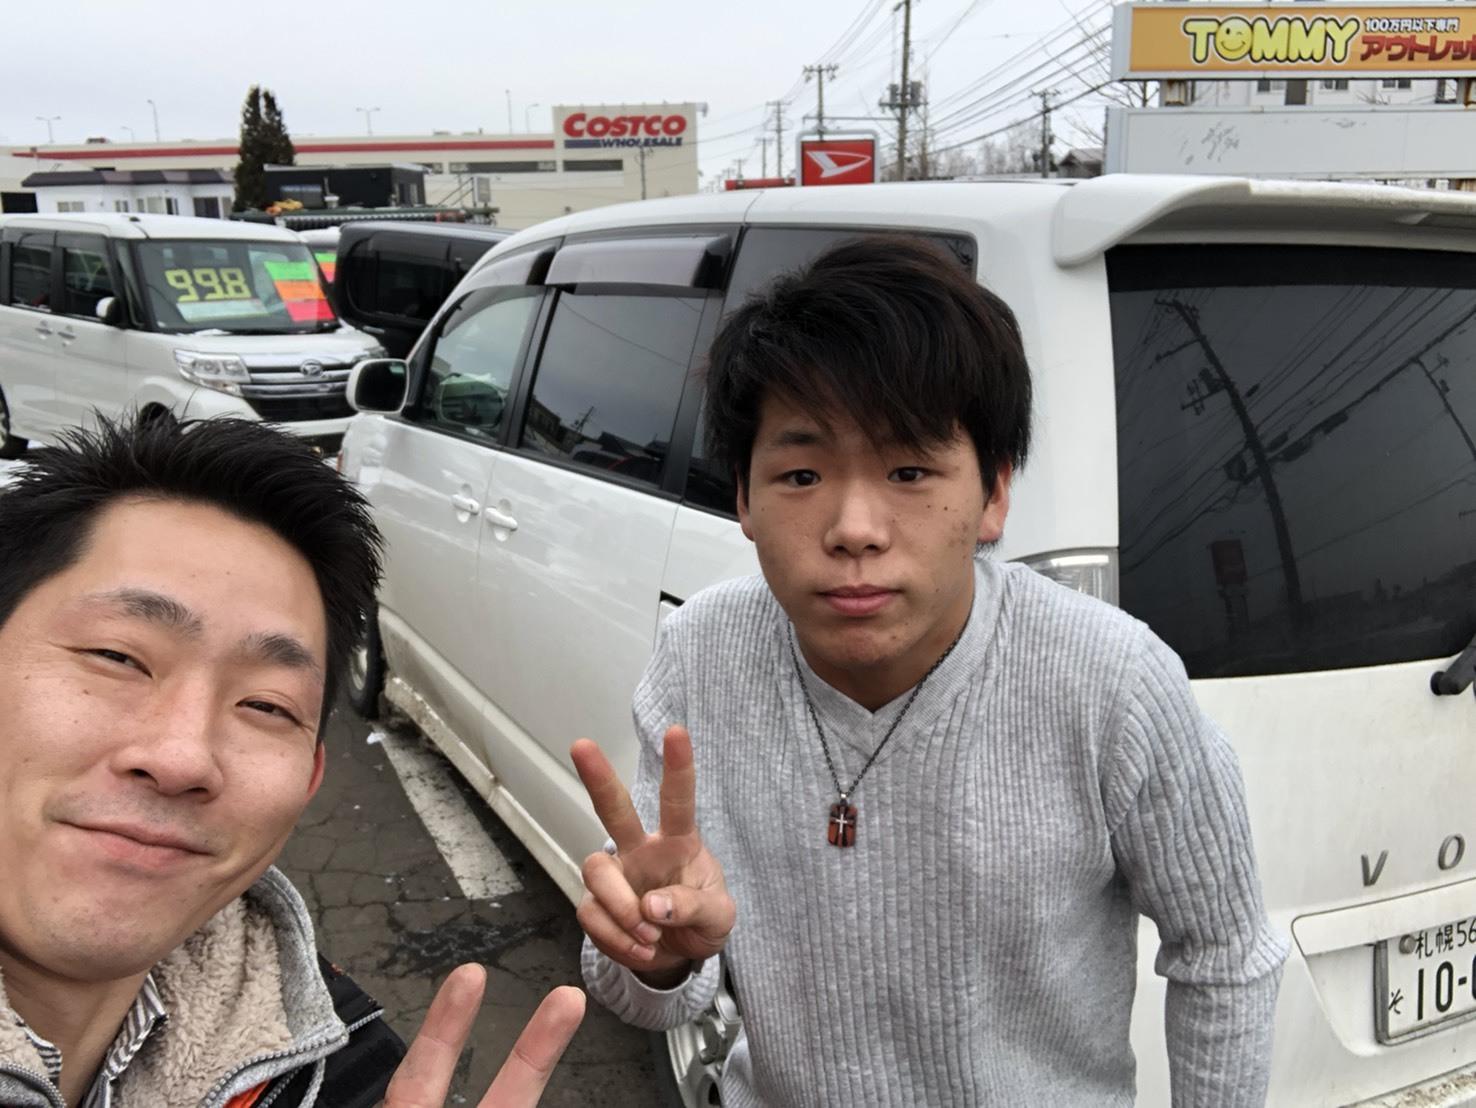 12月27日(金)☆TOMMYアウトレット☆あゆブログ˙ᵕ˙♡ 今日は納車が3台✨デイズルークスK様☆ゴルフR32F様★クラウンS様☆_b0127002_17581979.jpg